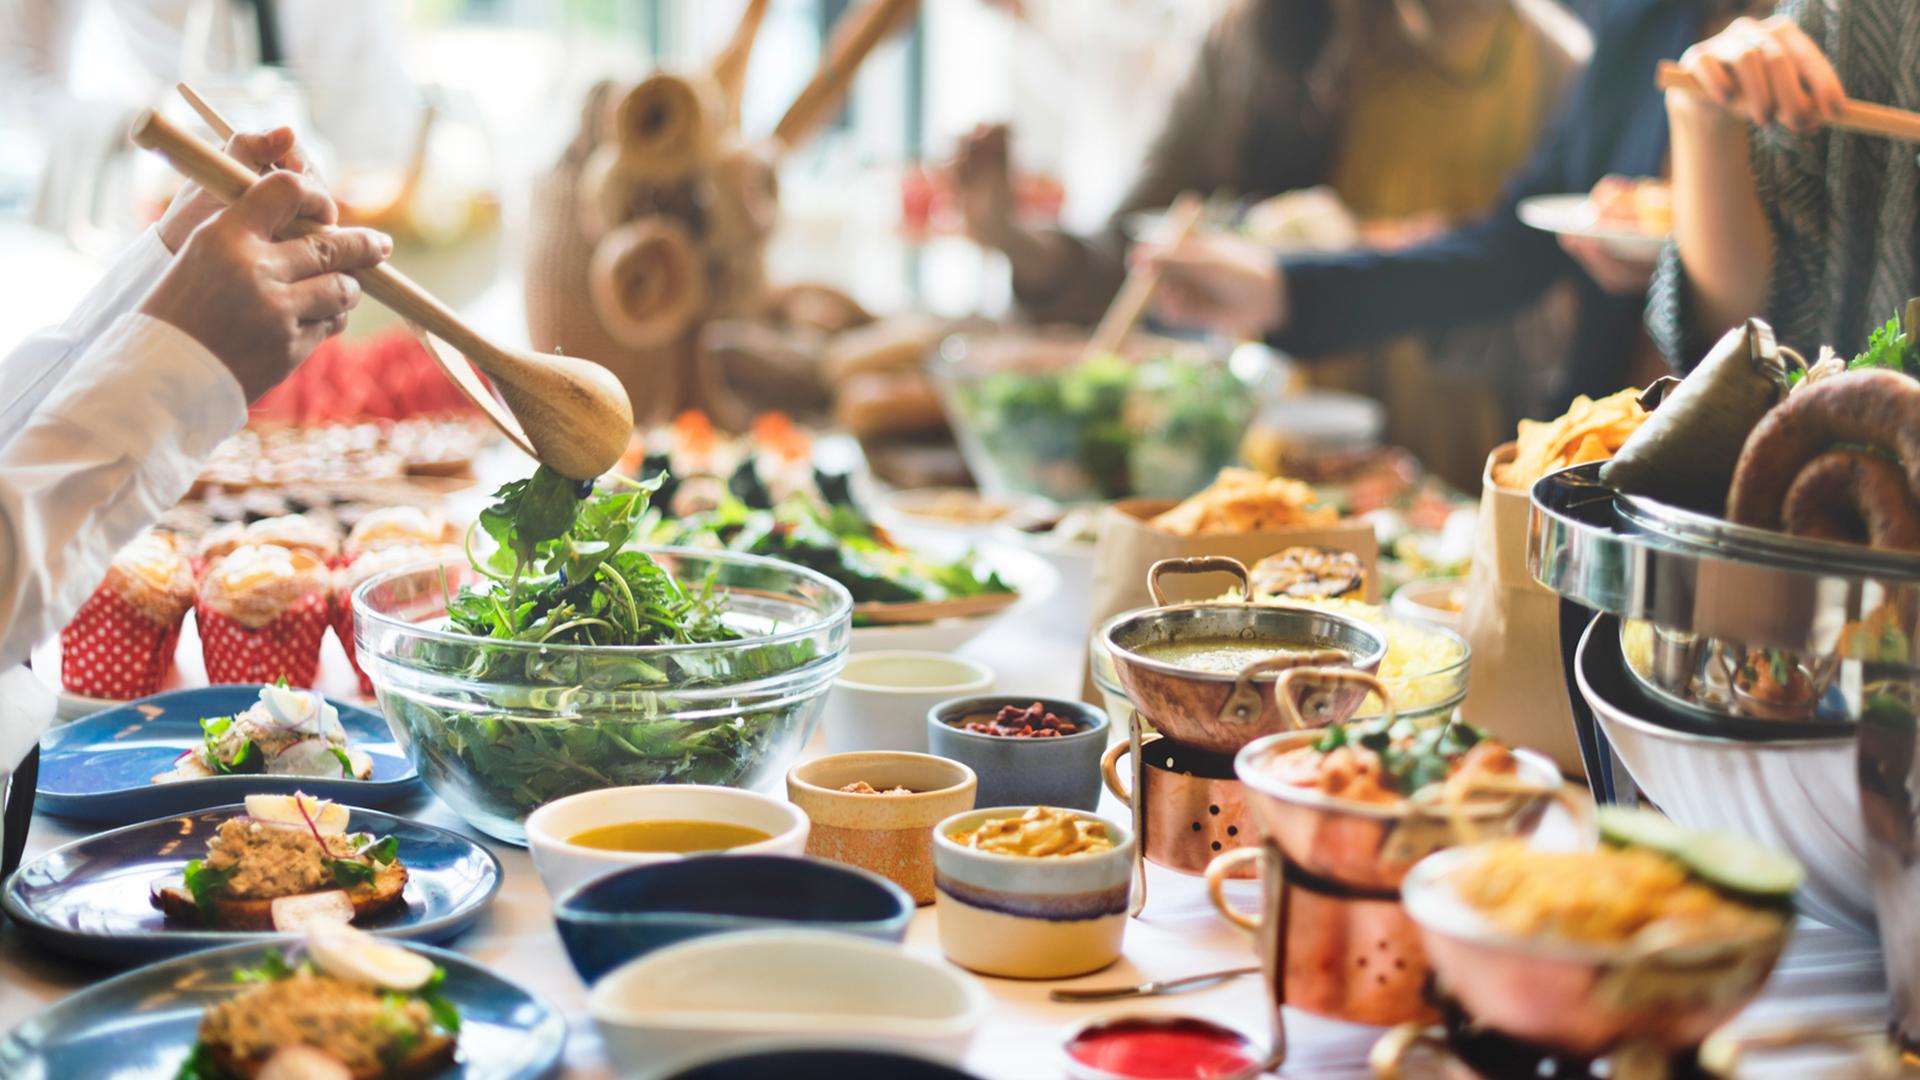 食品ロスは何が問題?社会や家庭が受ける影響と3つの原因を解説